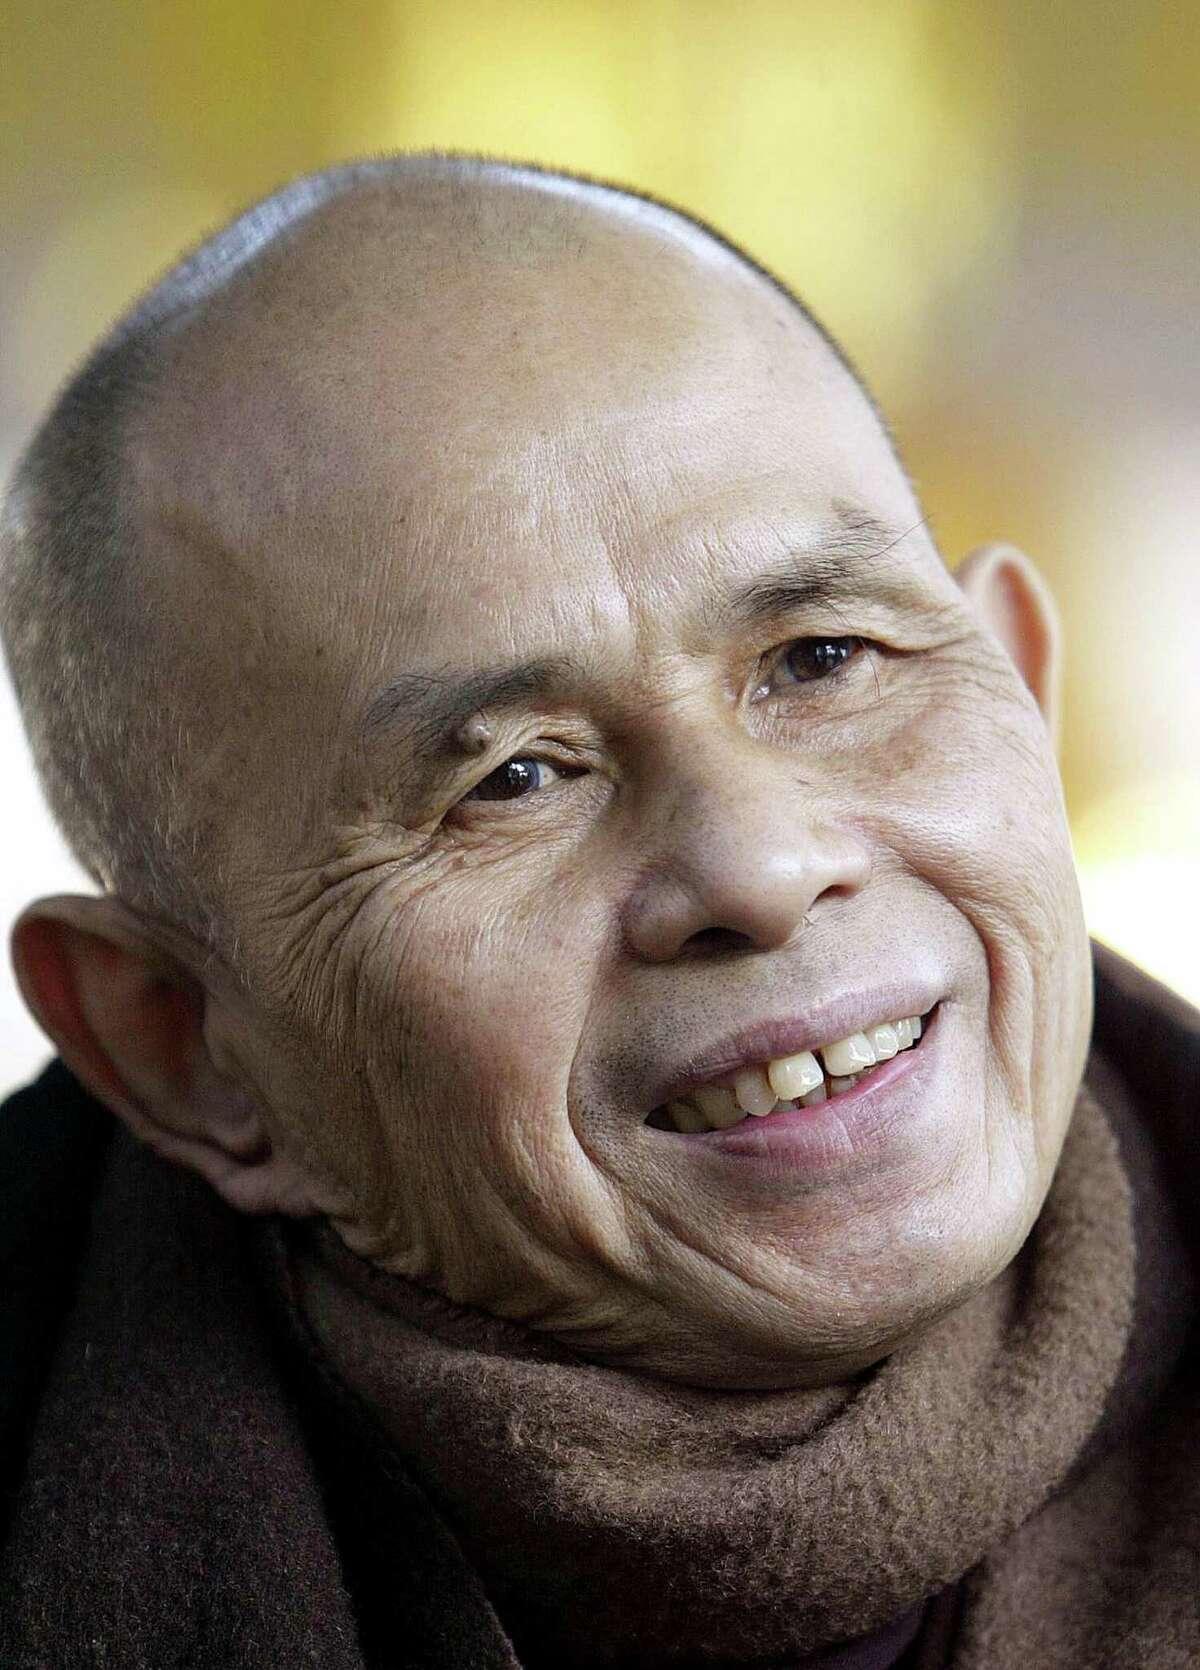 Buddhist monk Thích Nhat Hanh